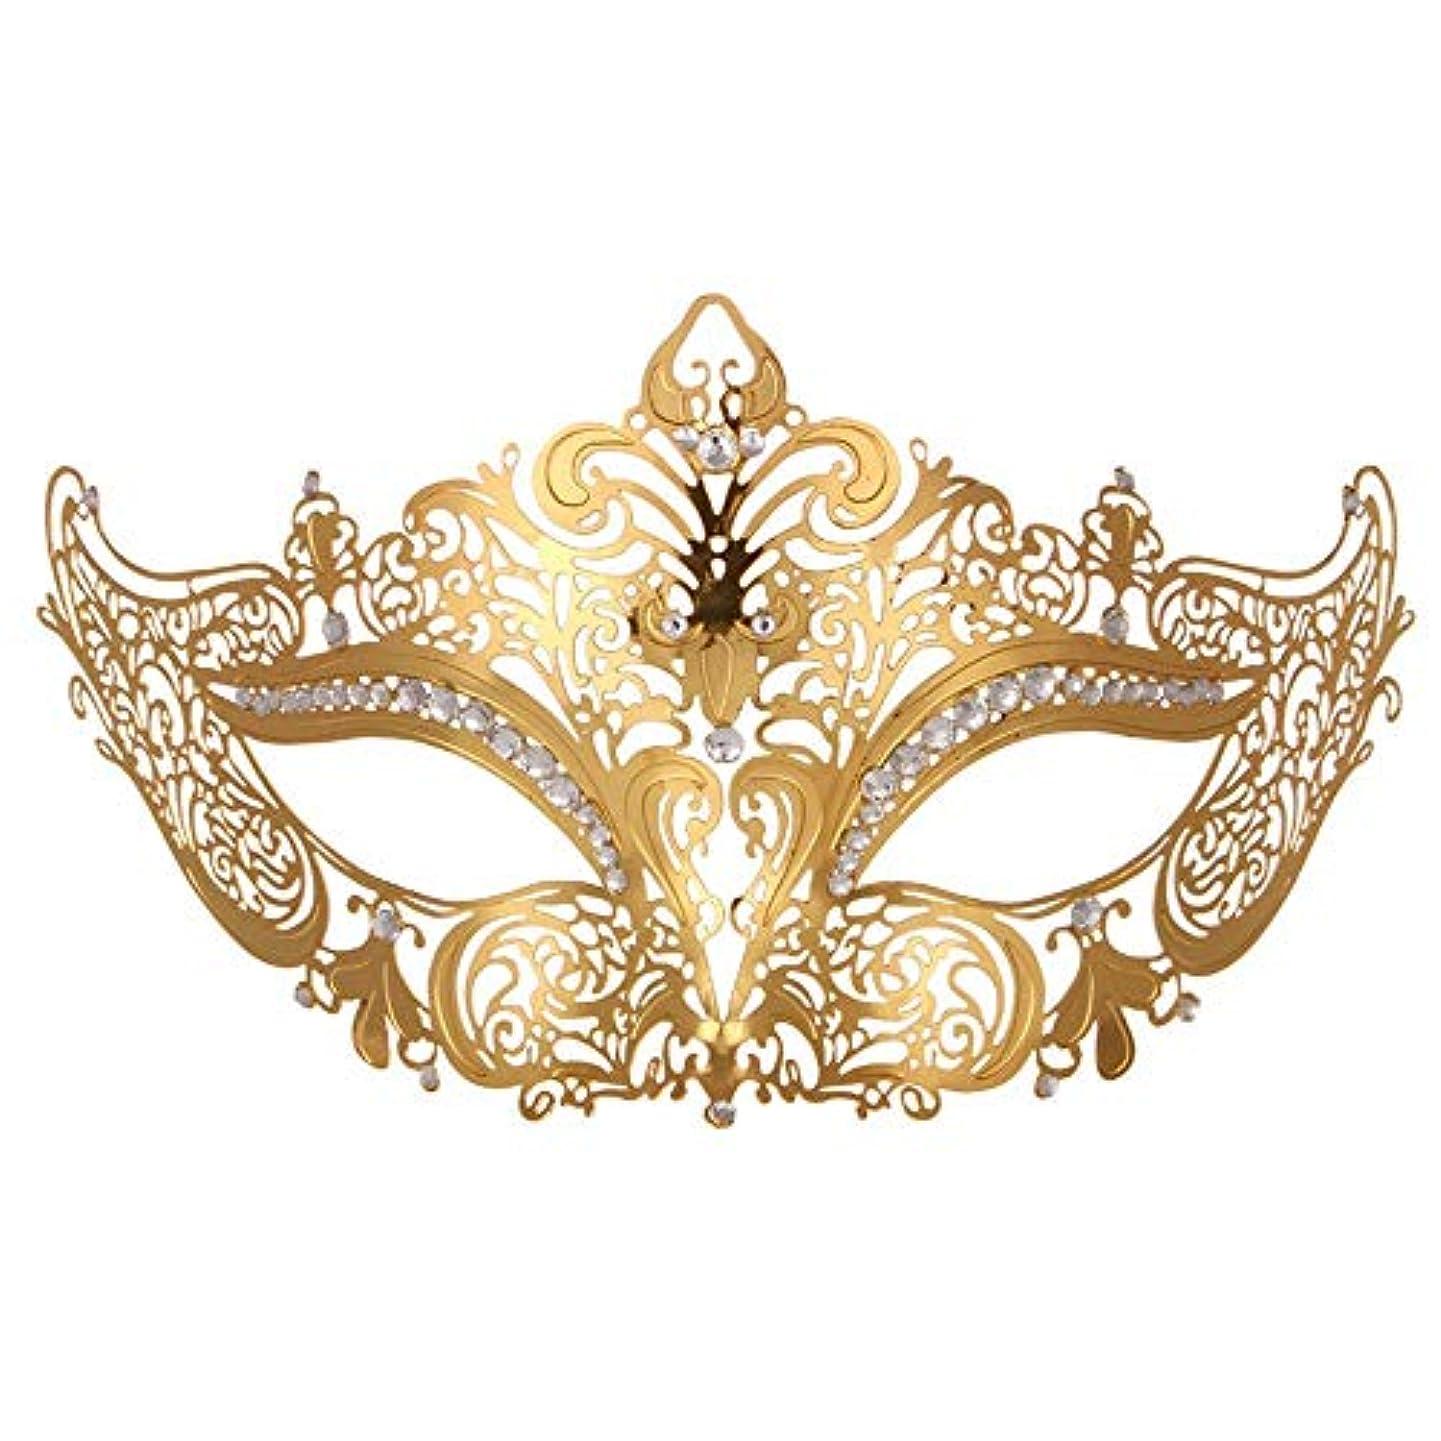 祈るユーモラス再編成するダンスマスク 高級金メッキ銀マスク仮装小道具ロールプレイングナイトクラブパーティーマスク ホリデーパーティー用品 (色 : ゴールド, サイズ : Universal)